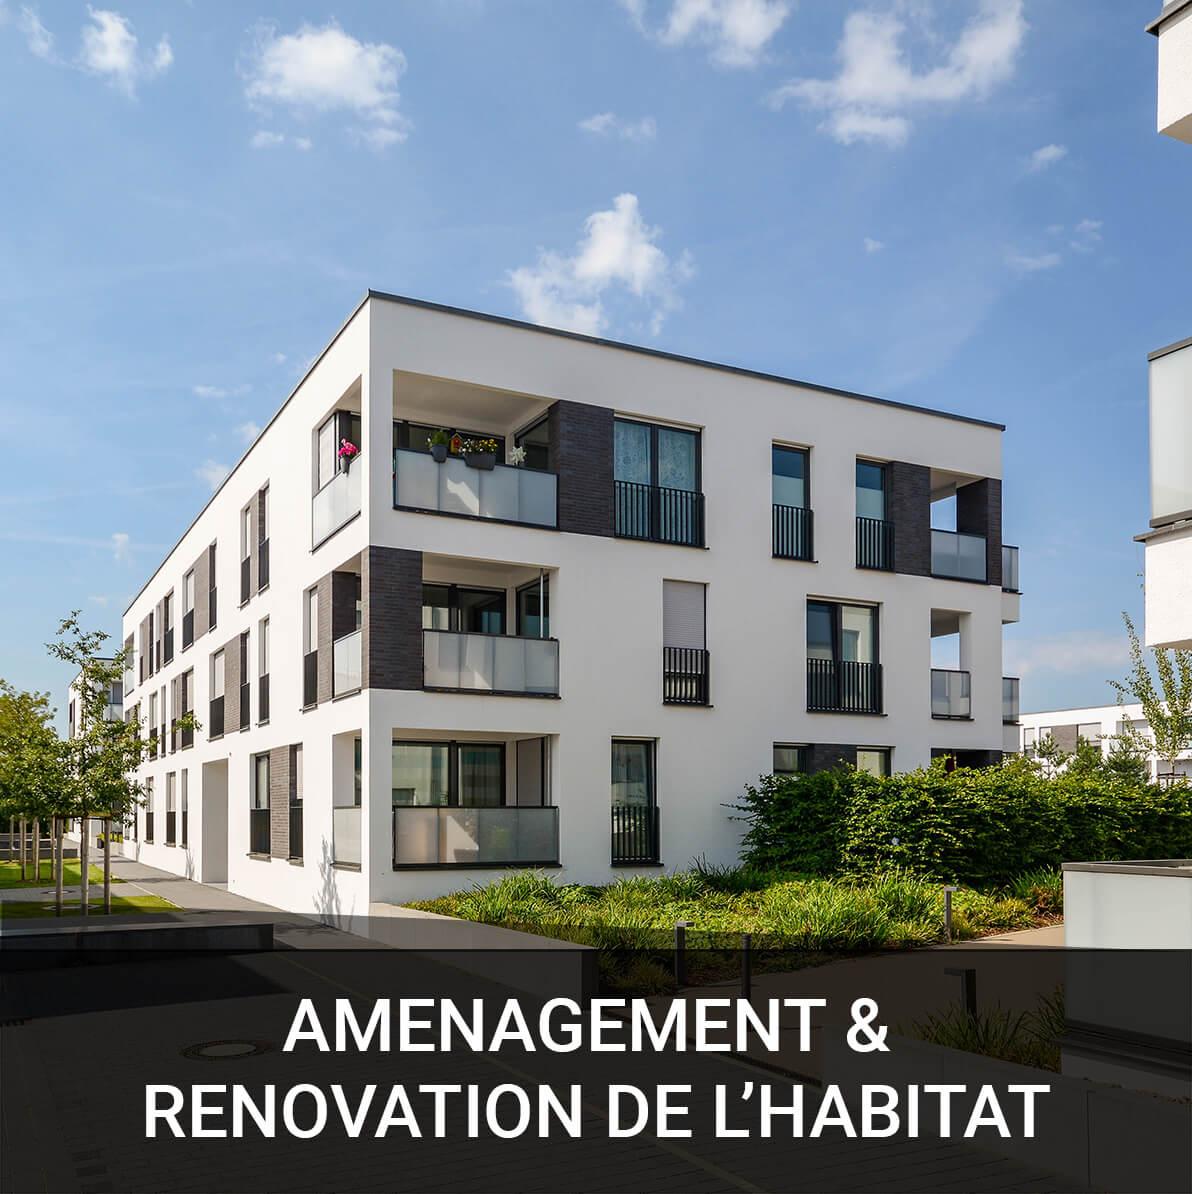 Image représentant les réalisations d'aménagement et rénovation de l'habitat